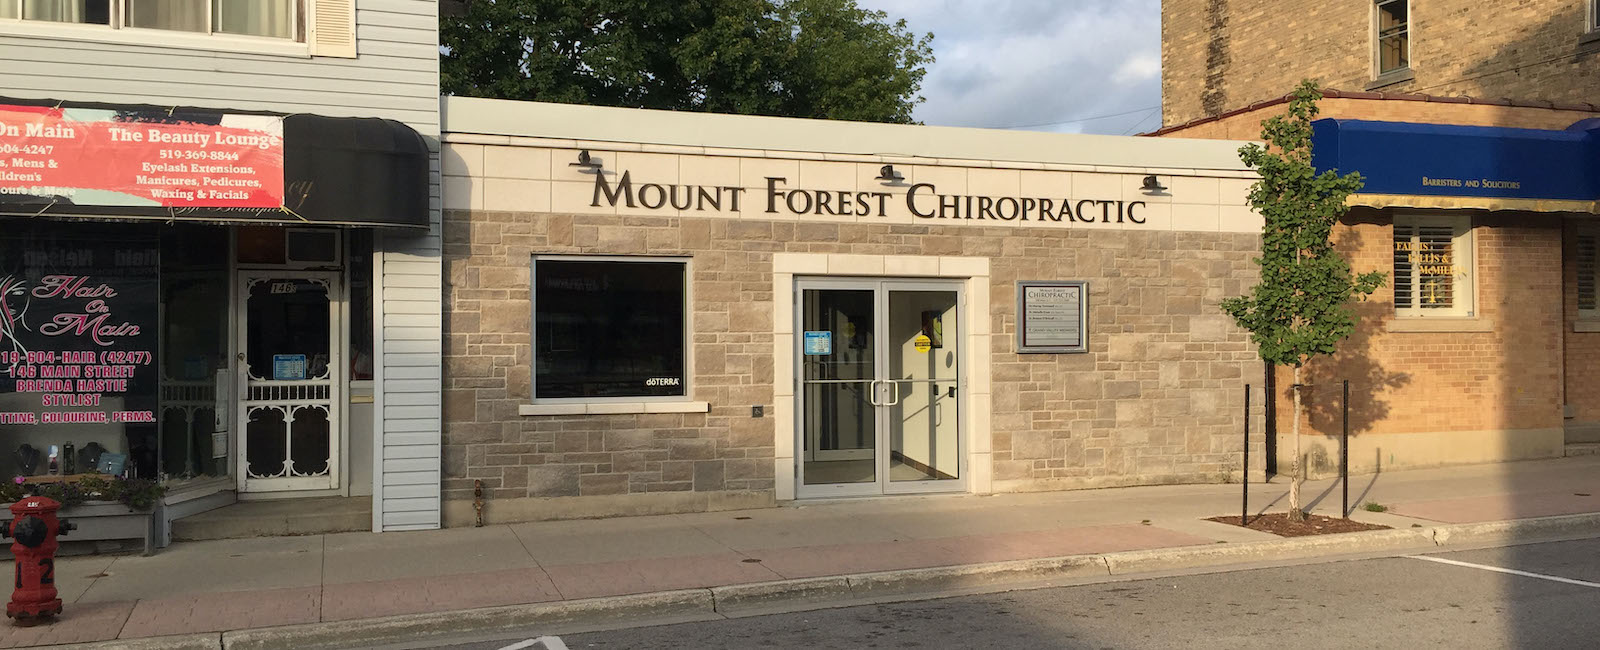 Mountforest Chiropractic